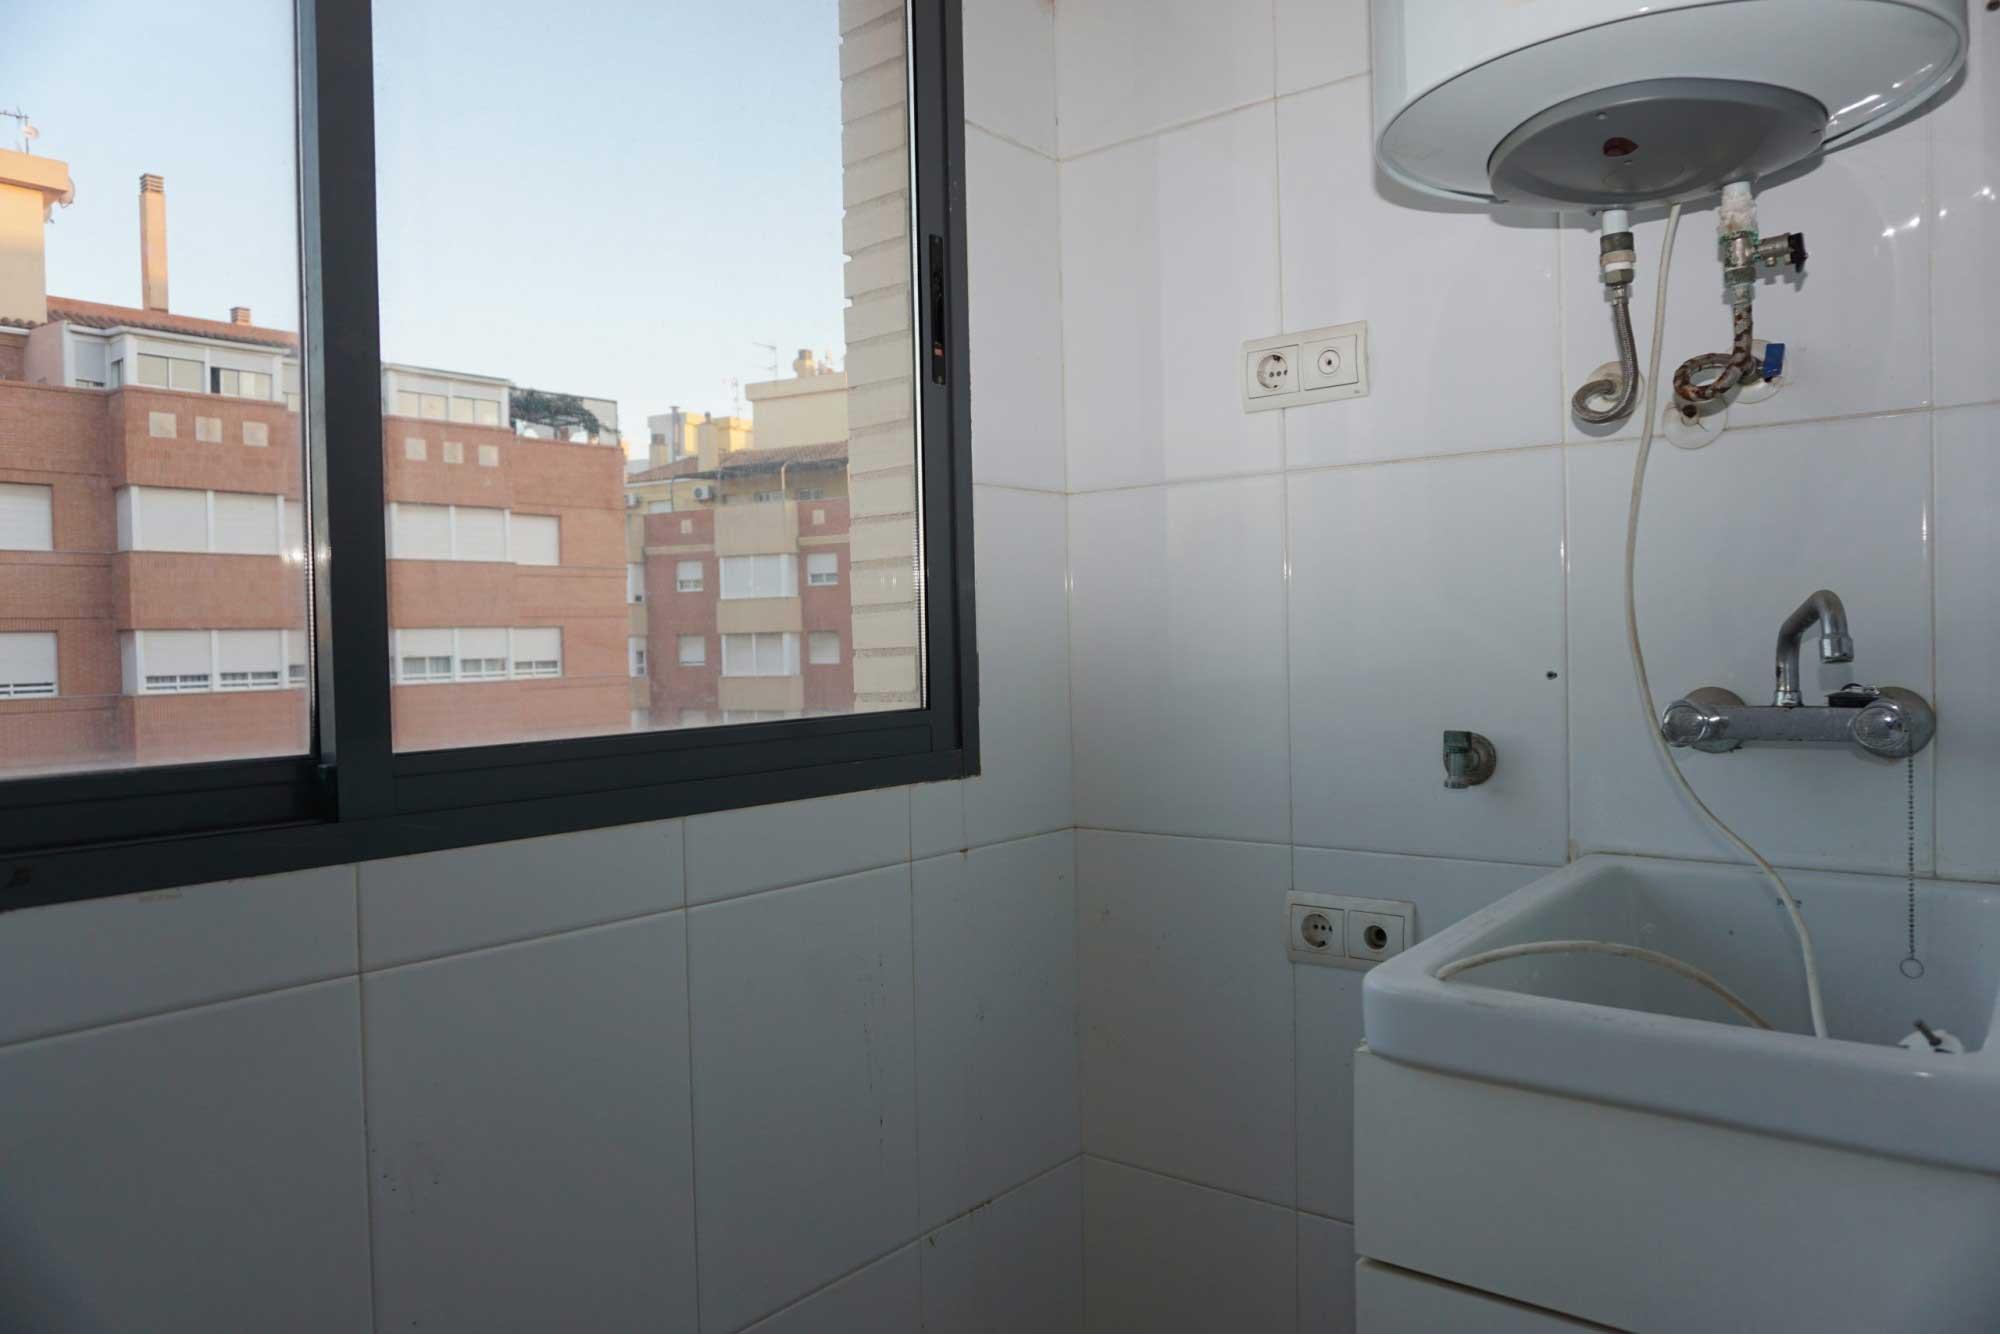 Piso de entidad bancaria en Venta en Burriana (Castellón) zona Llombai